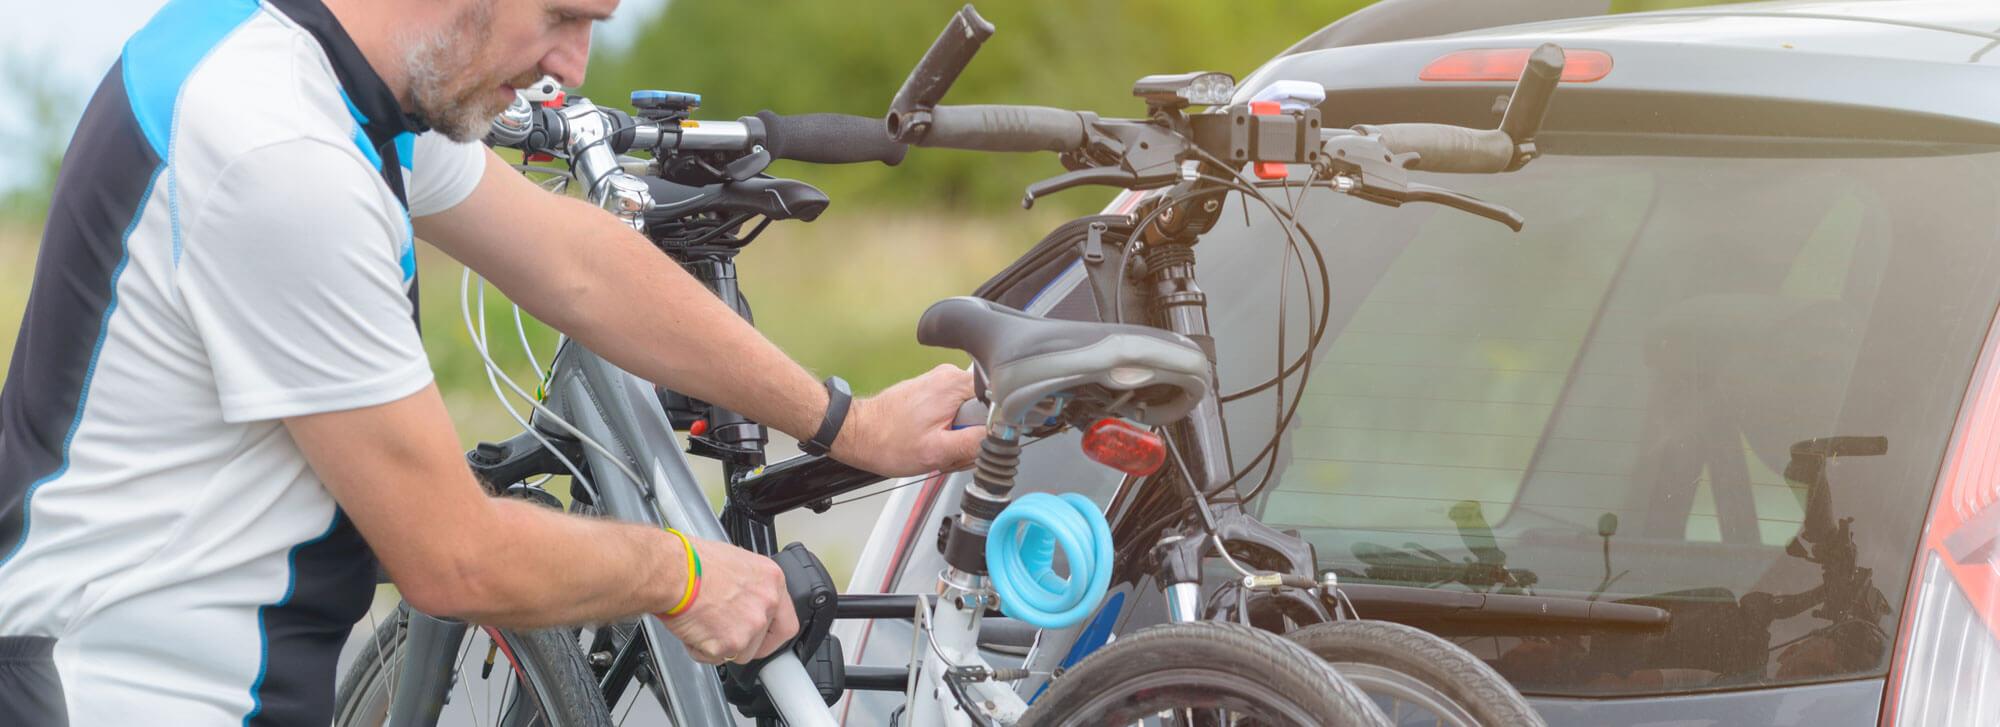 Bike Racks Installers